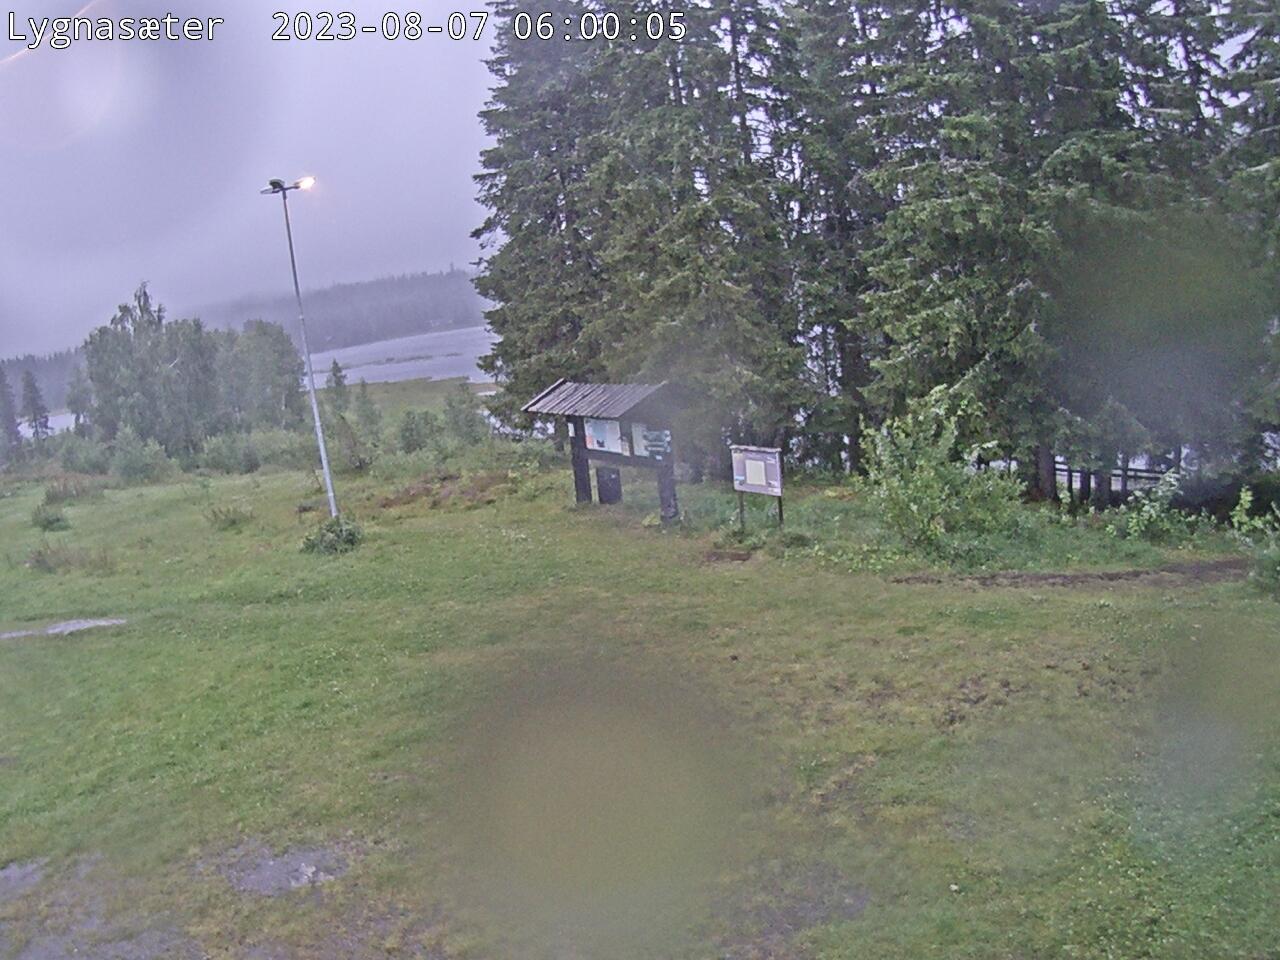 Lygna - Øståsen ski loipe; Lygnasæter; Lygnavannet